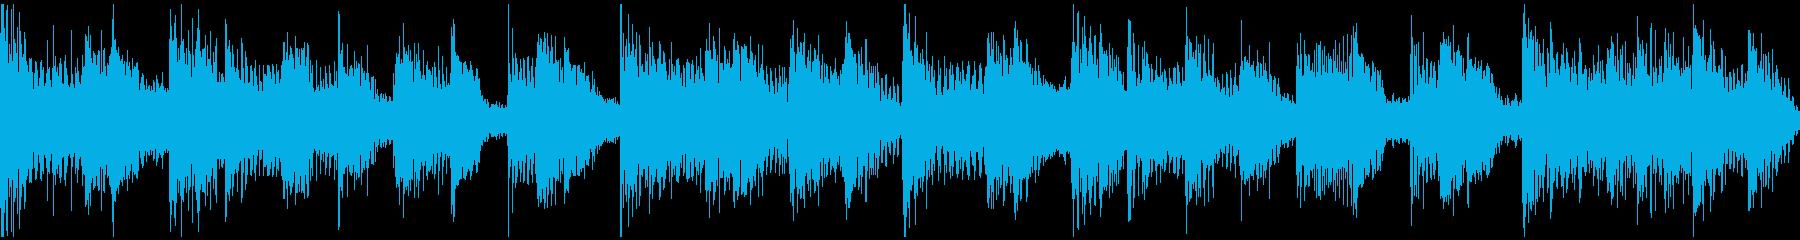 南米とヒップホップの影響をブレンド...の再生済みの波形